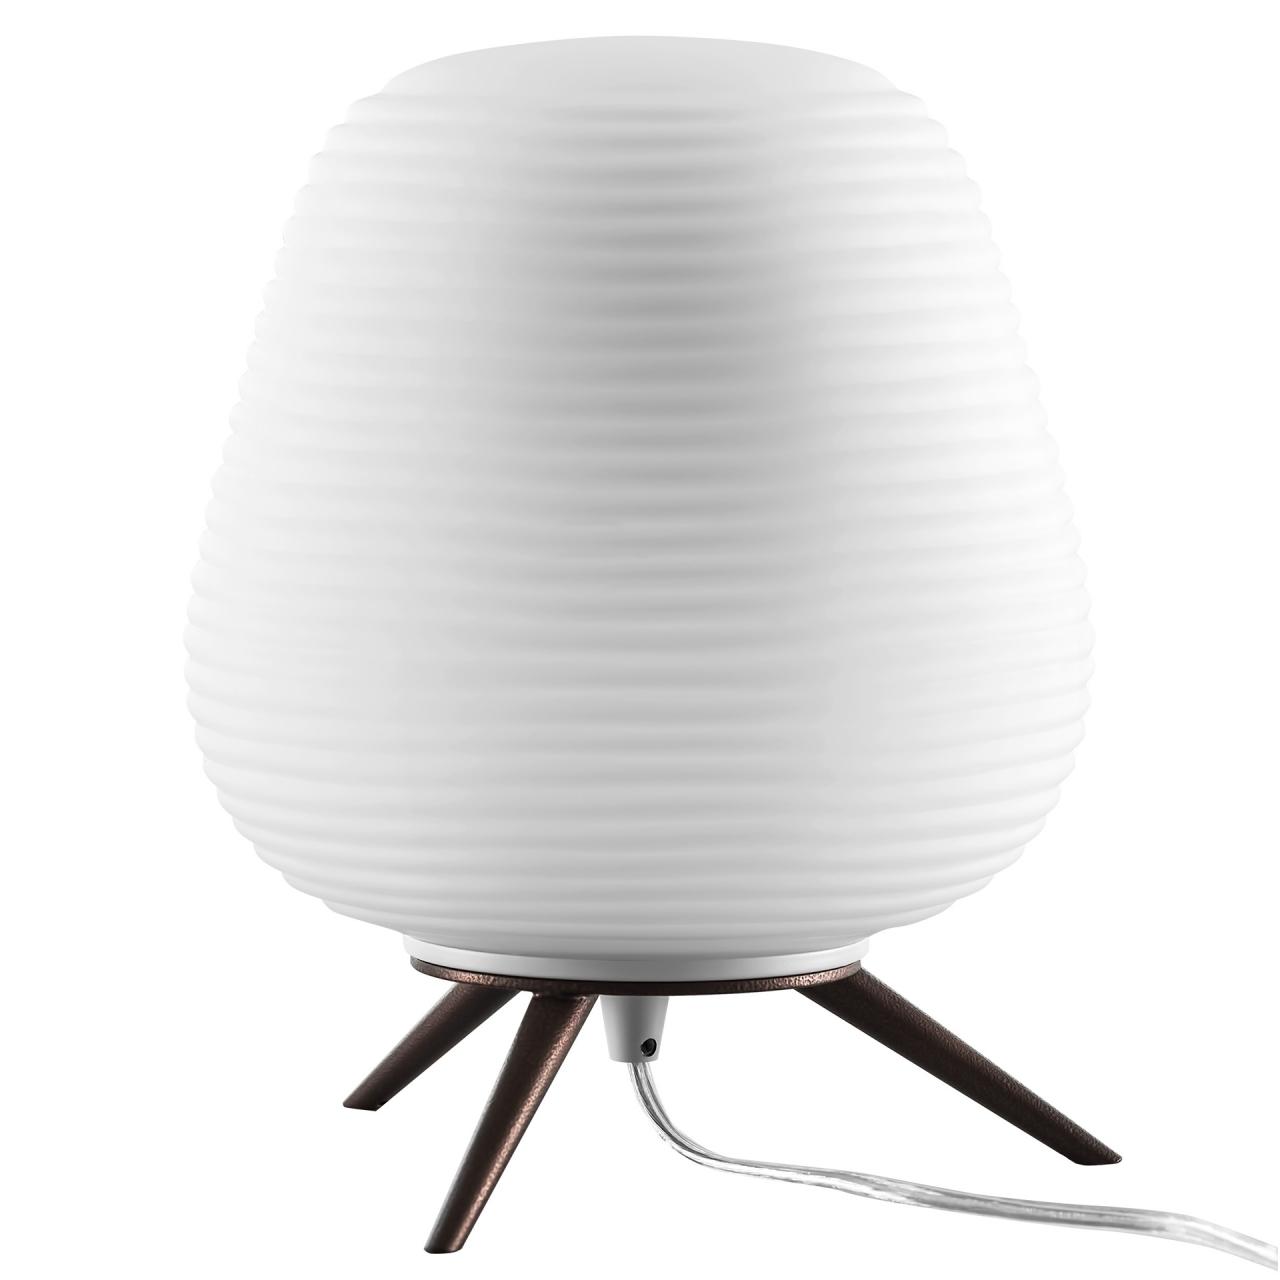 Настольная лампа Arnia 1Х40W E27 Коричневый / Белый Lightstar 805911